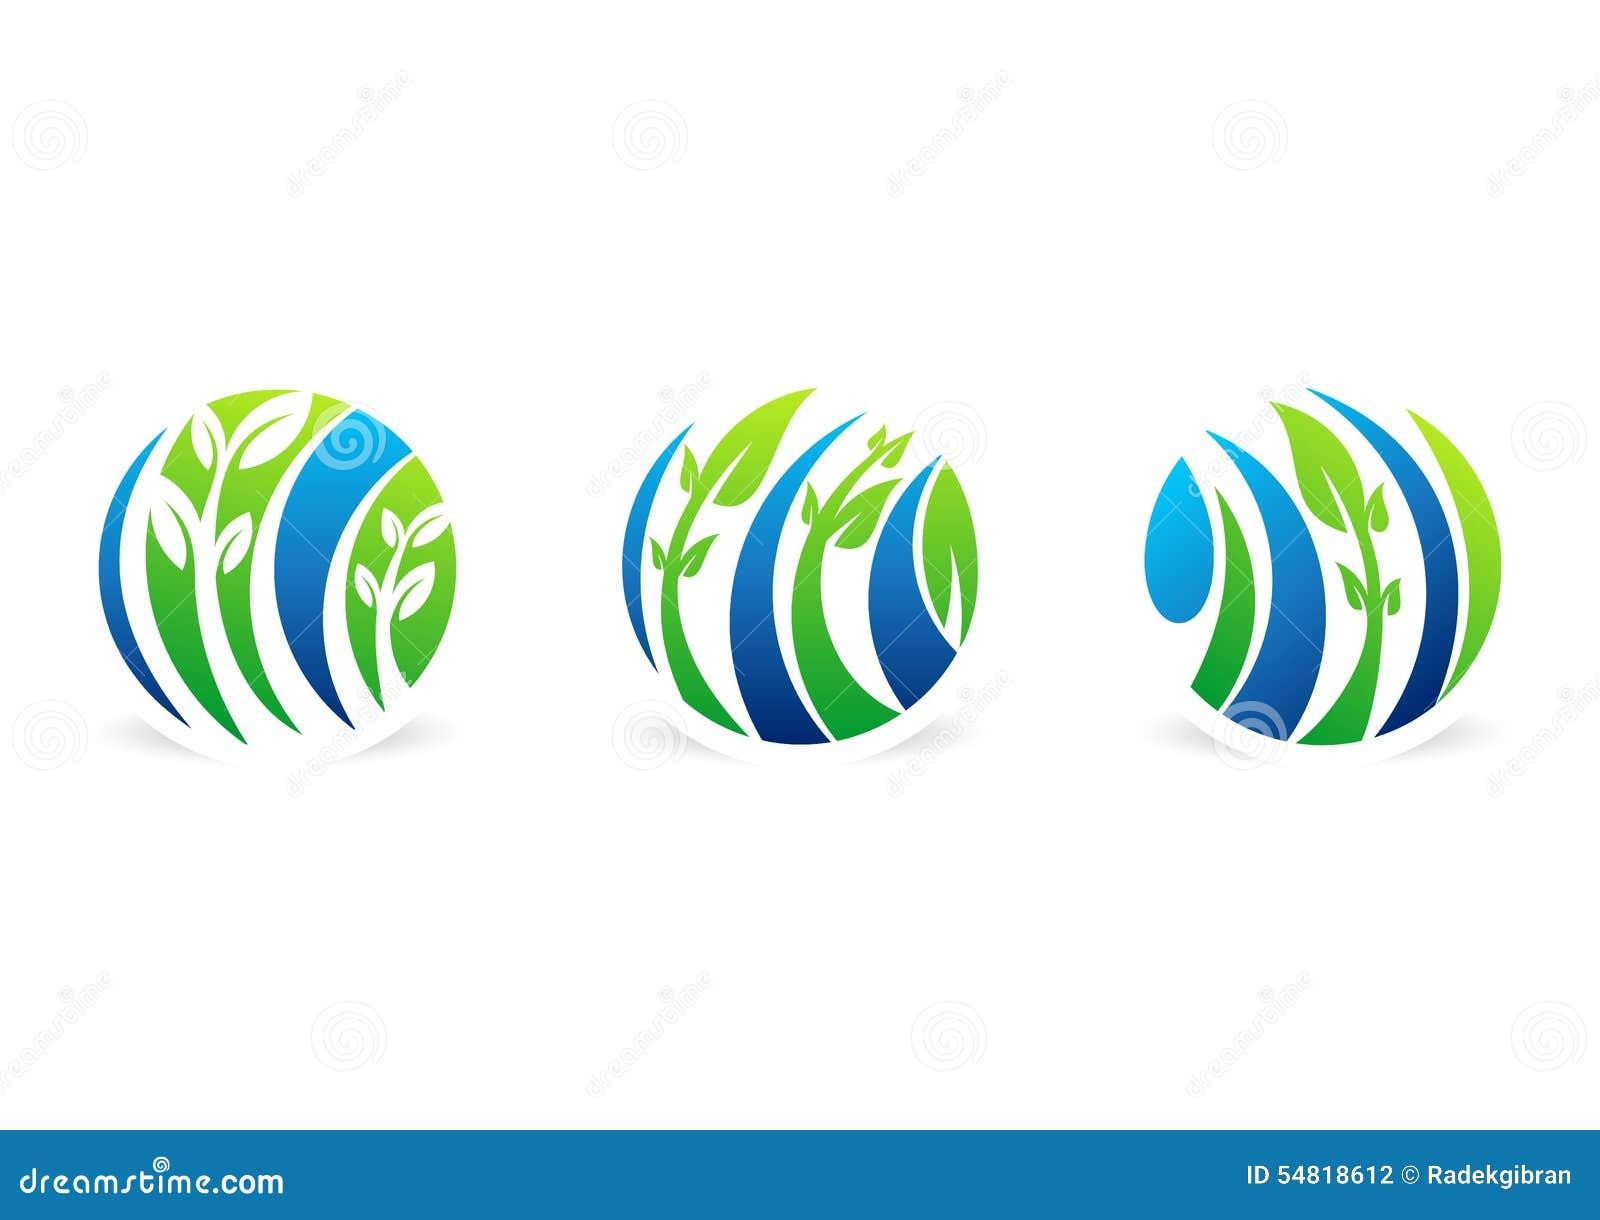 Λογότυπο φυτών κύκλων, φυσική πτώση νερού, νερό, φύλλο, σφαιρικό οικολογίας διάνυσμα σχεδίου εικονιδίων συμβόλων φύσης καθορισμέν